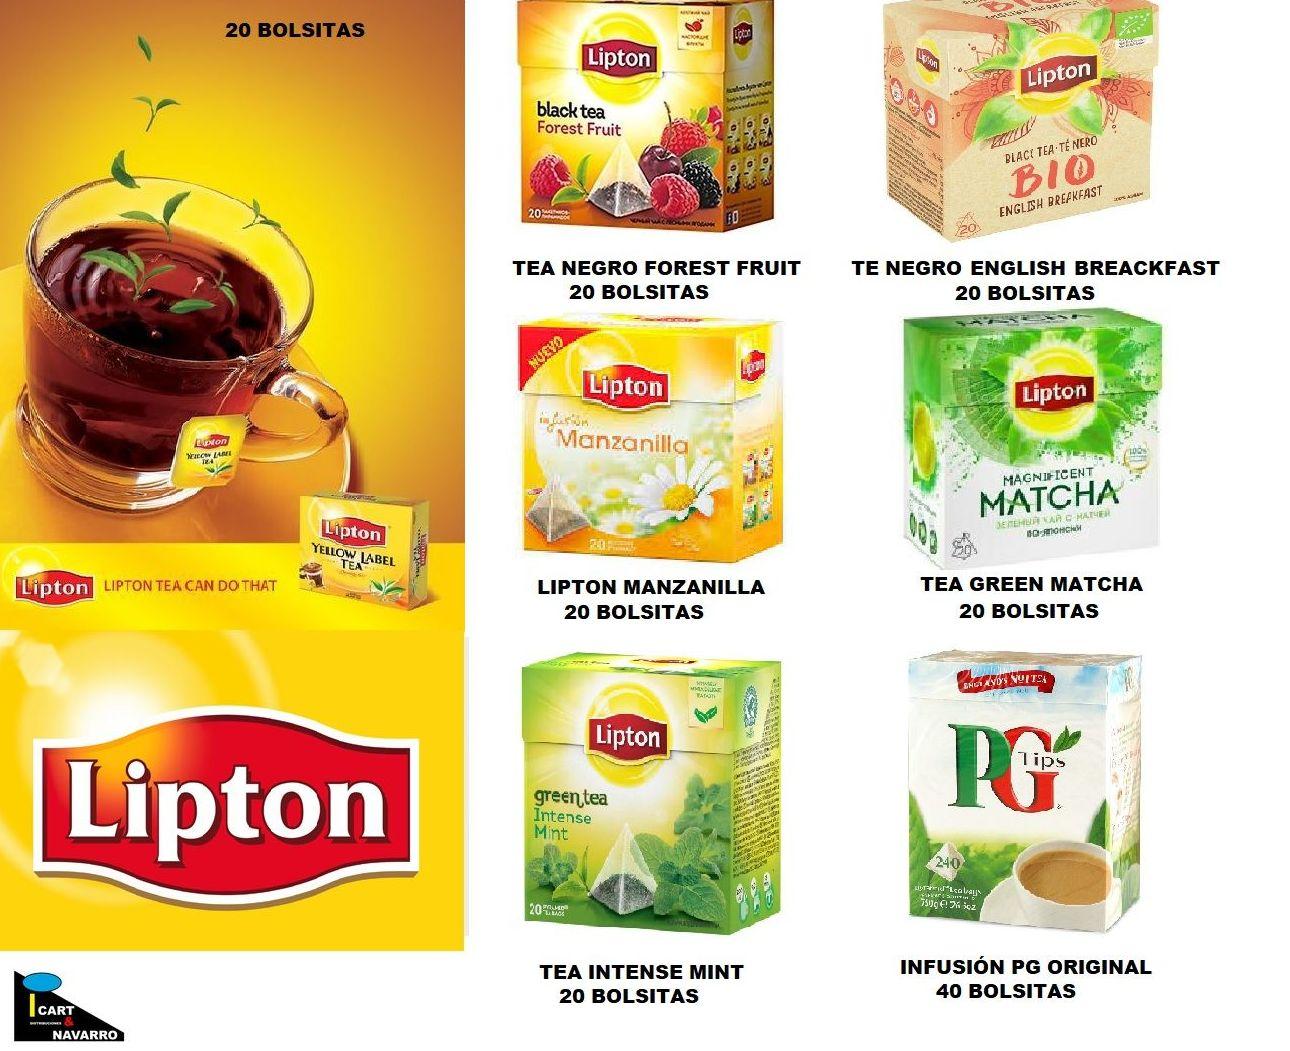 ORIGEN CÁPSULAS -LIPTON : Golosinas y caramelos de Distribuciones Icart & Navarro